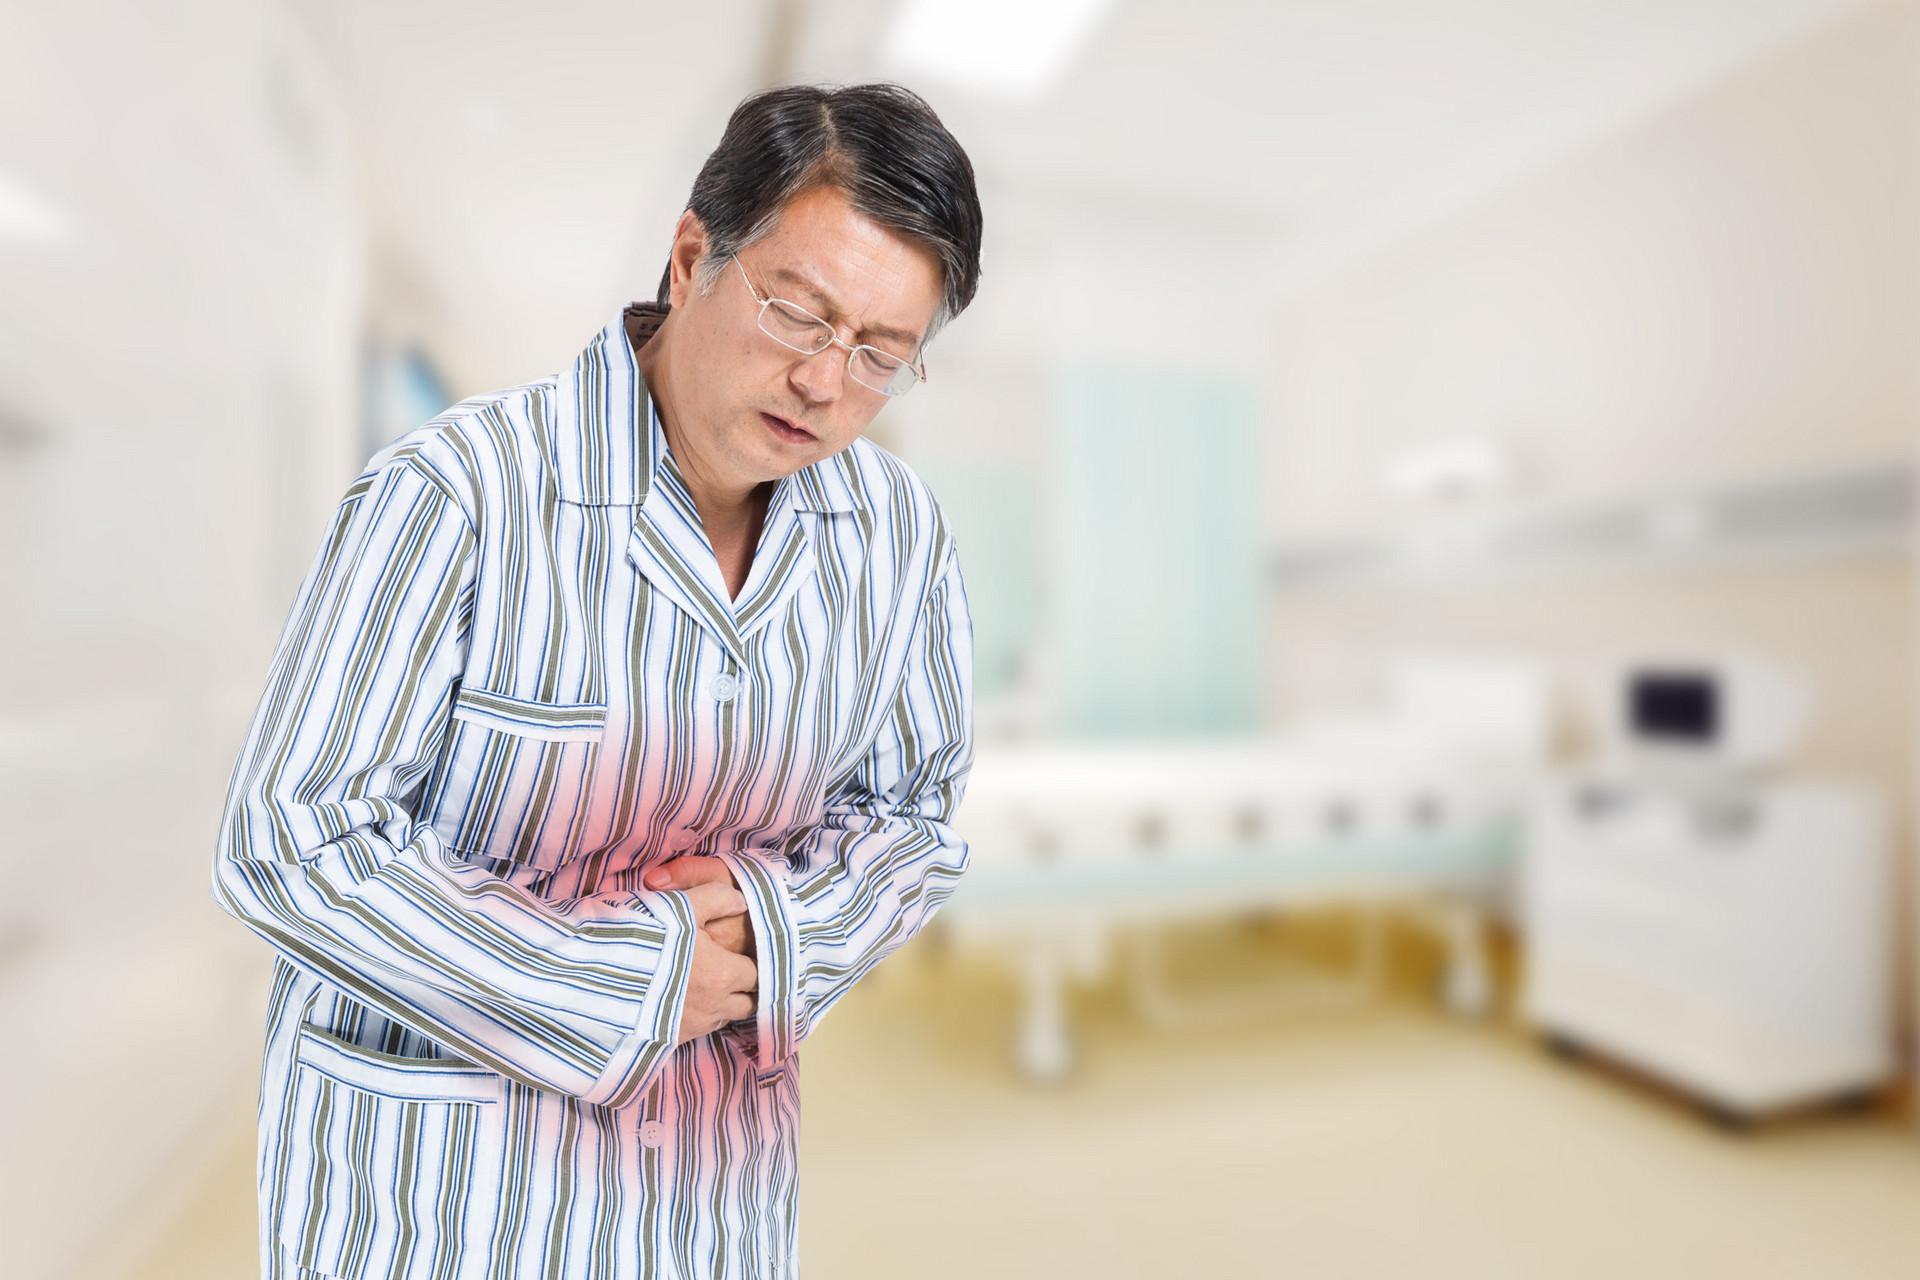 带寿险的重疾险合适吗?身故和重疾只能赔一次